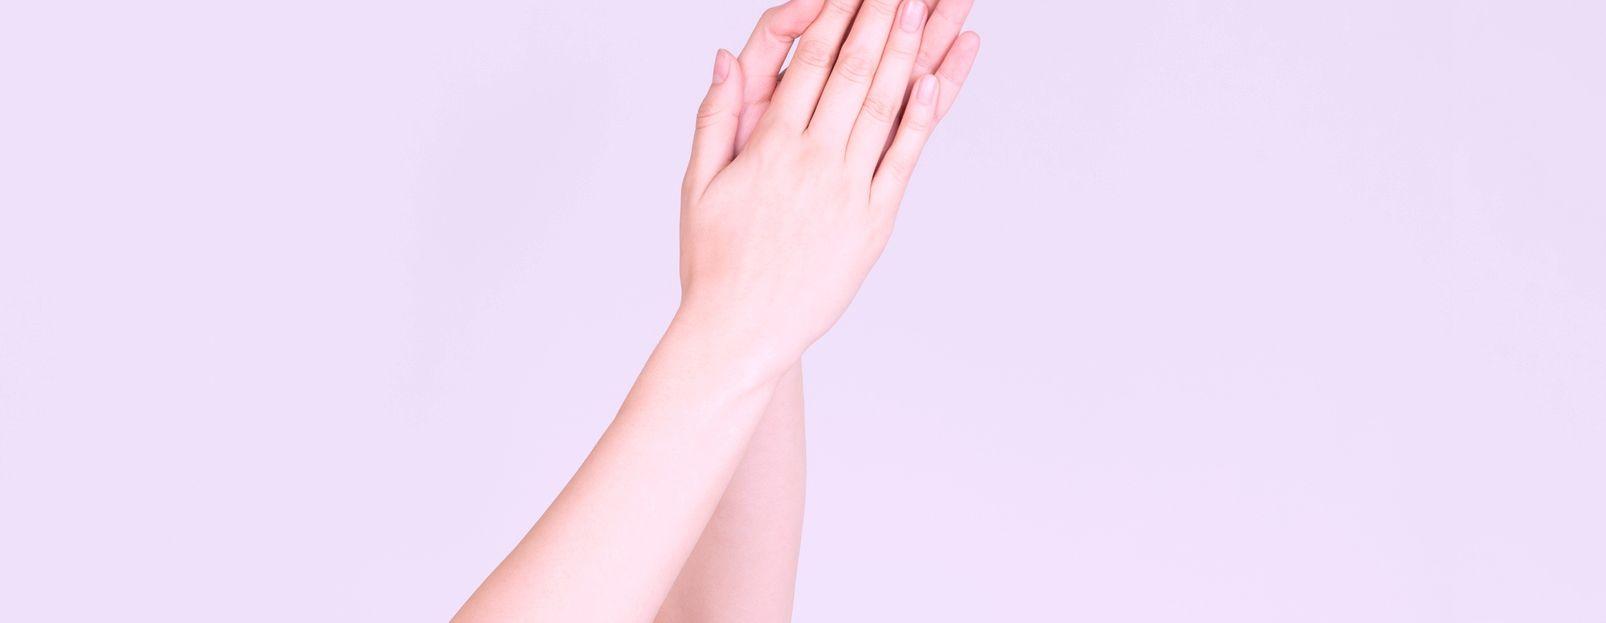 ¿Qué es la dishidrosis y cómo es el tratamiento para combatirla? - Featured image